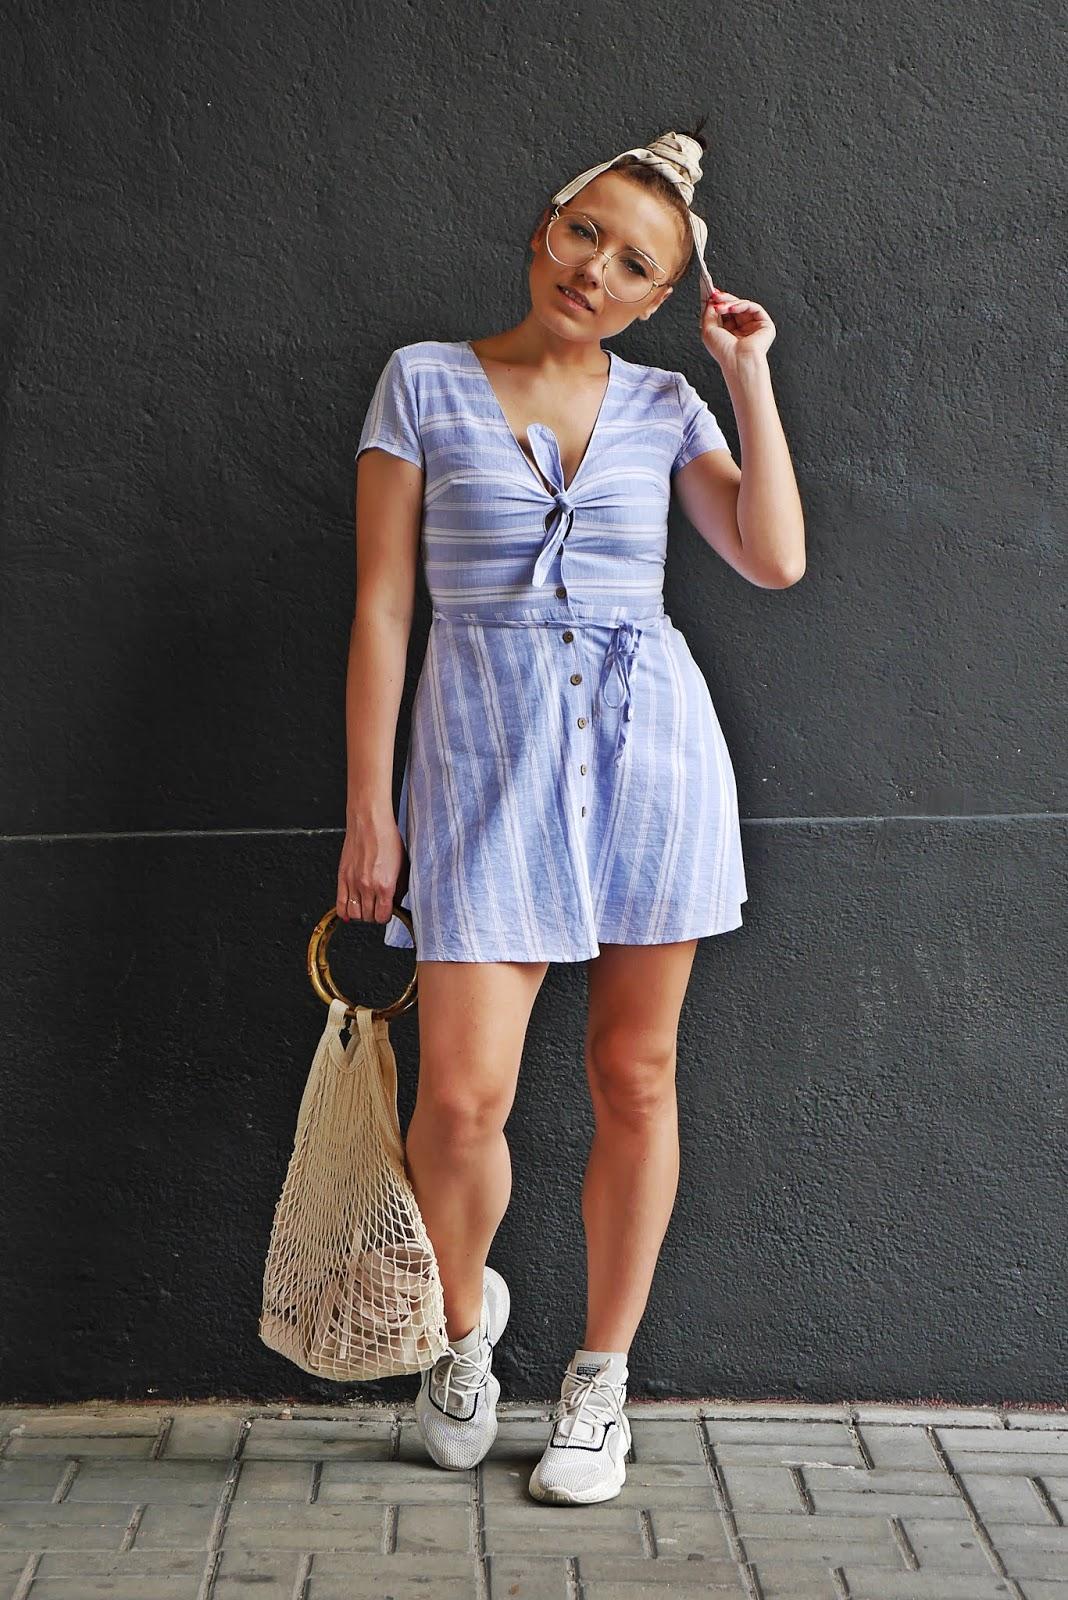 puławy blog modowy blogerka modowa karyn fashion blogger